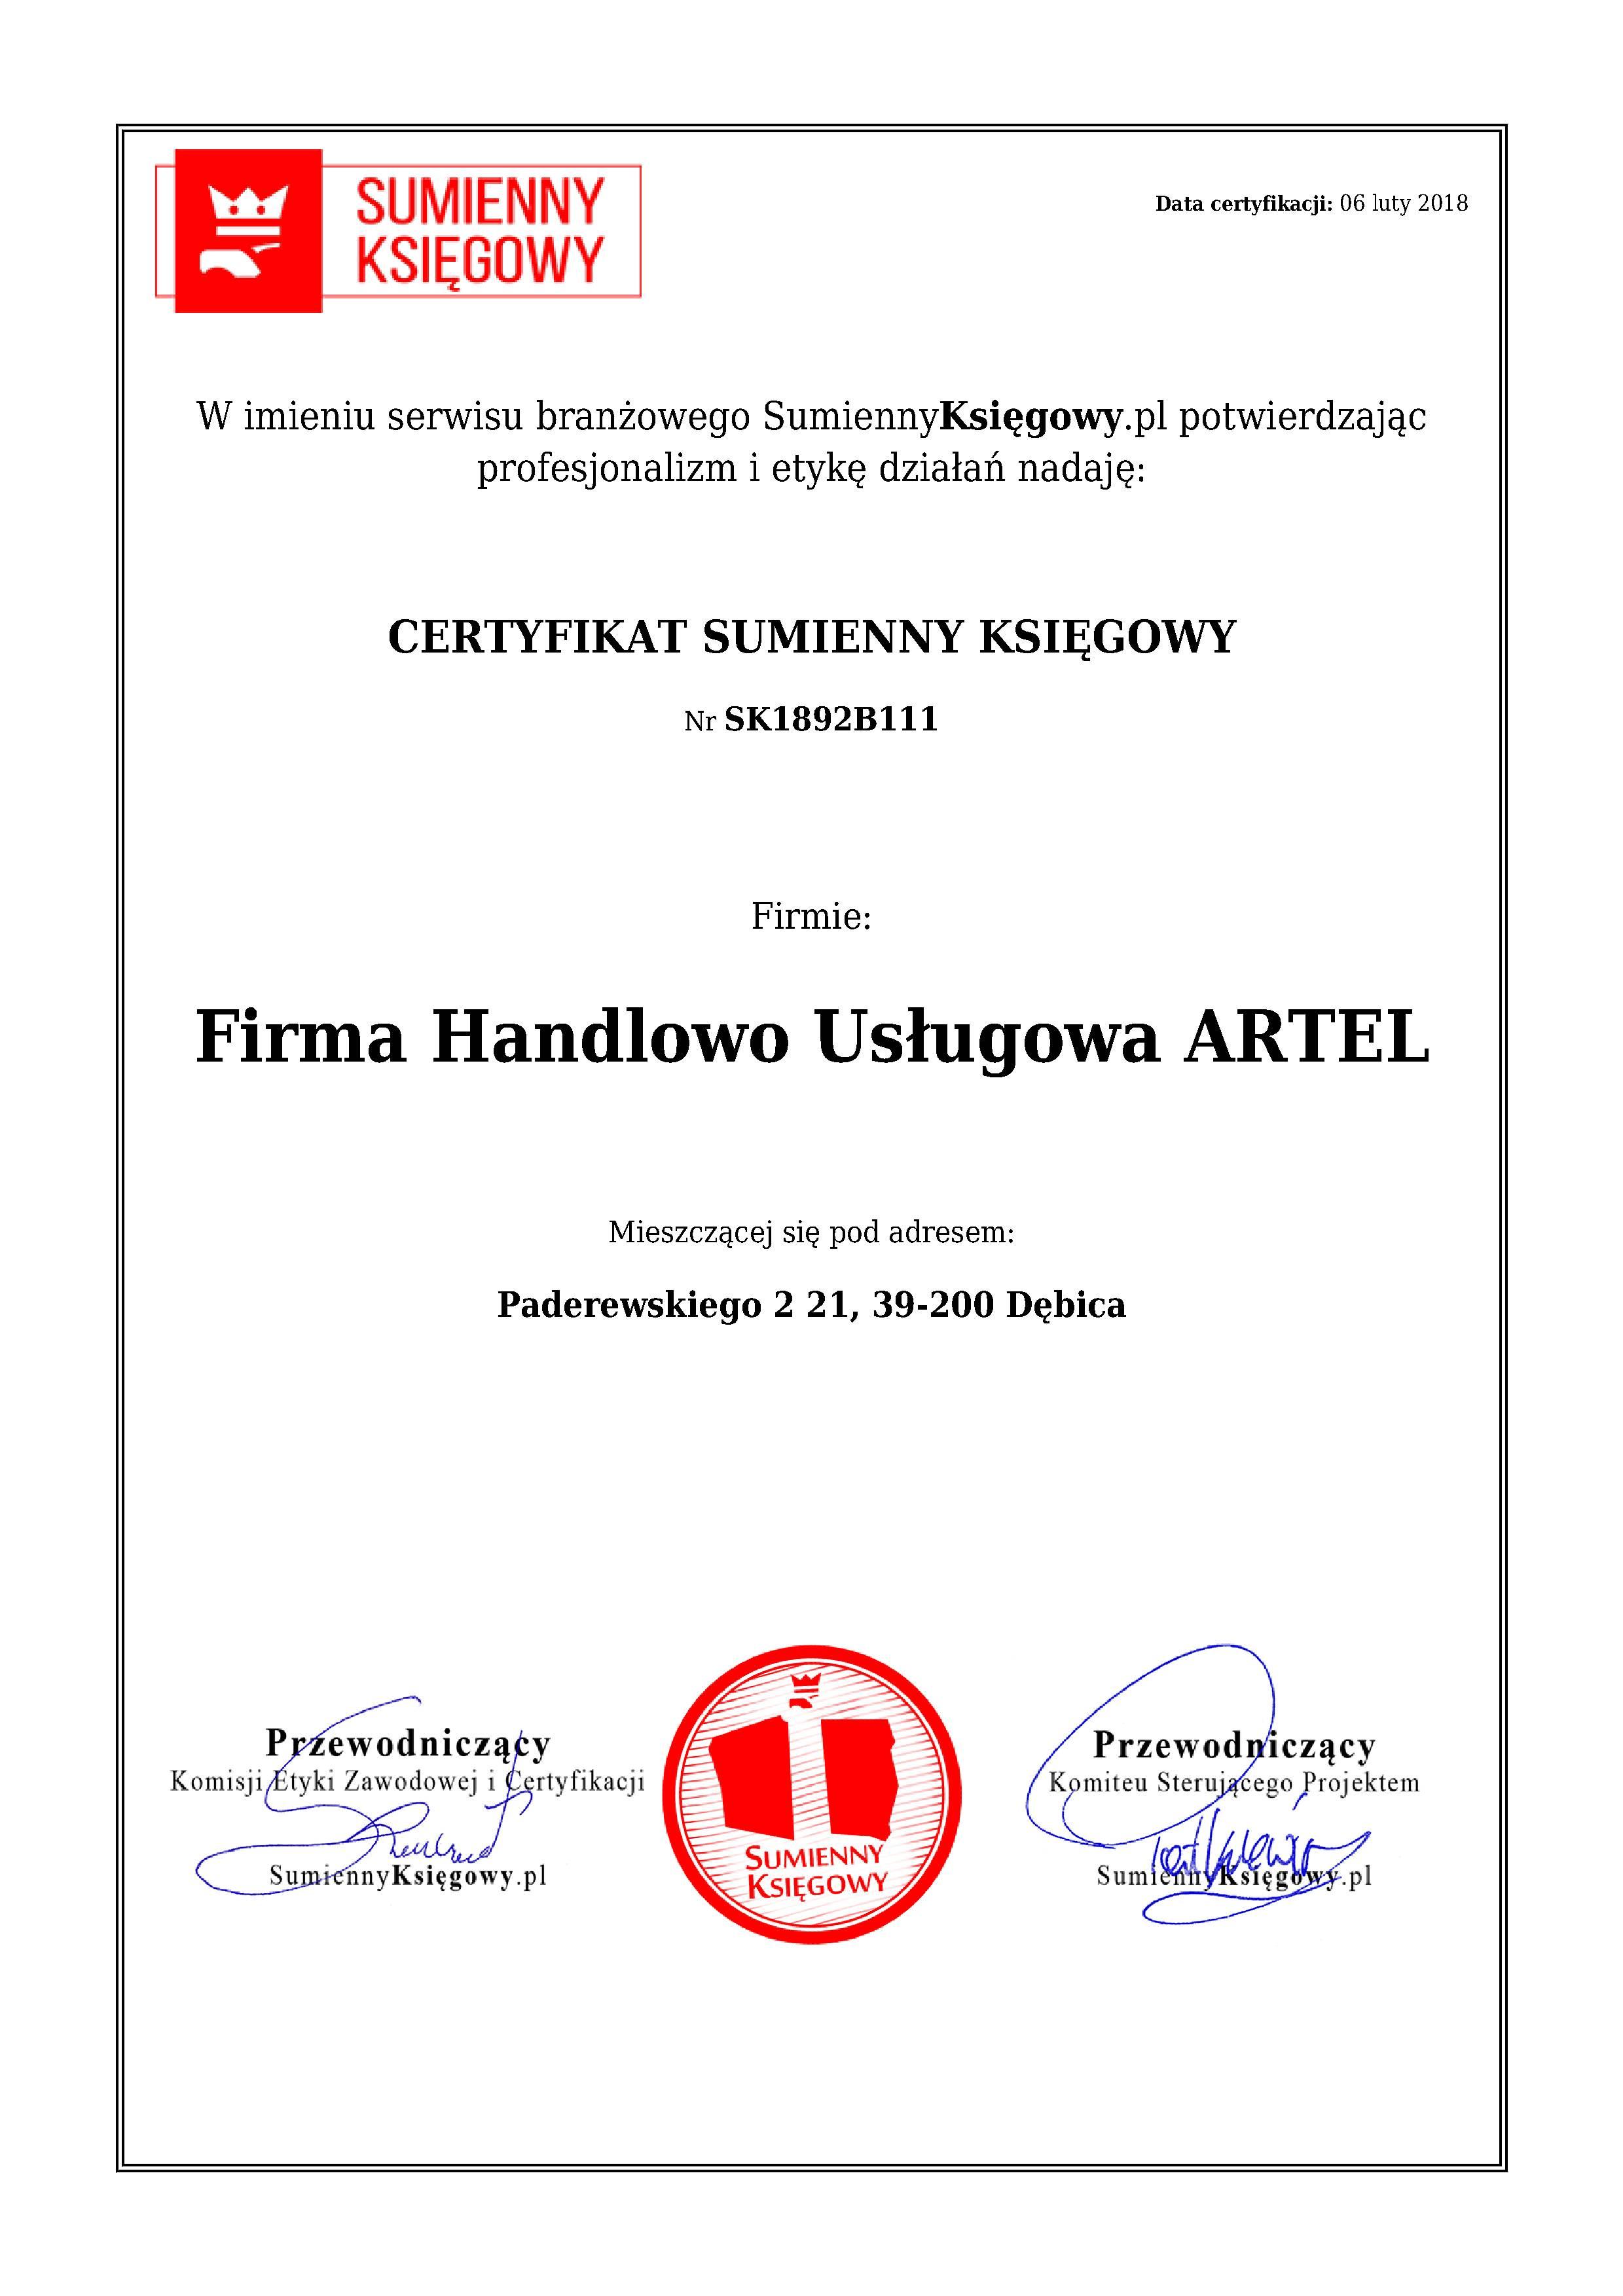 Certyfikat Firma Handlowo Usługowa ARTEL